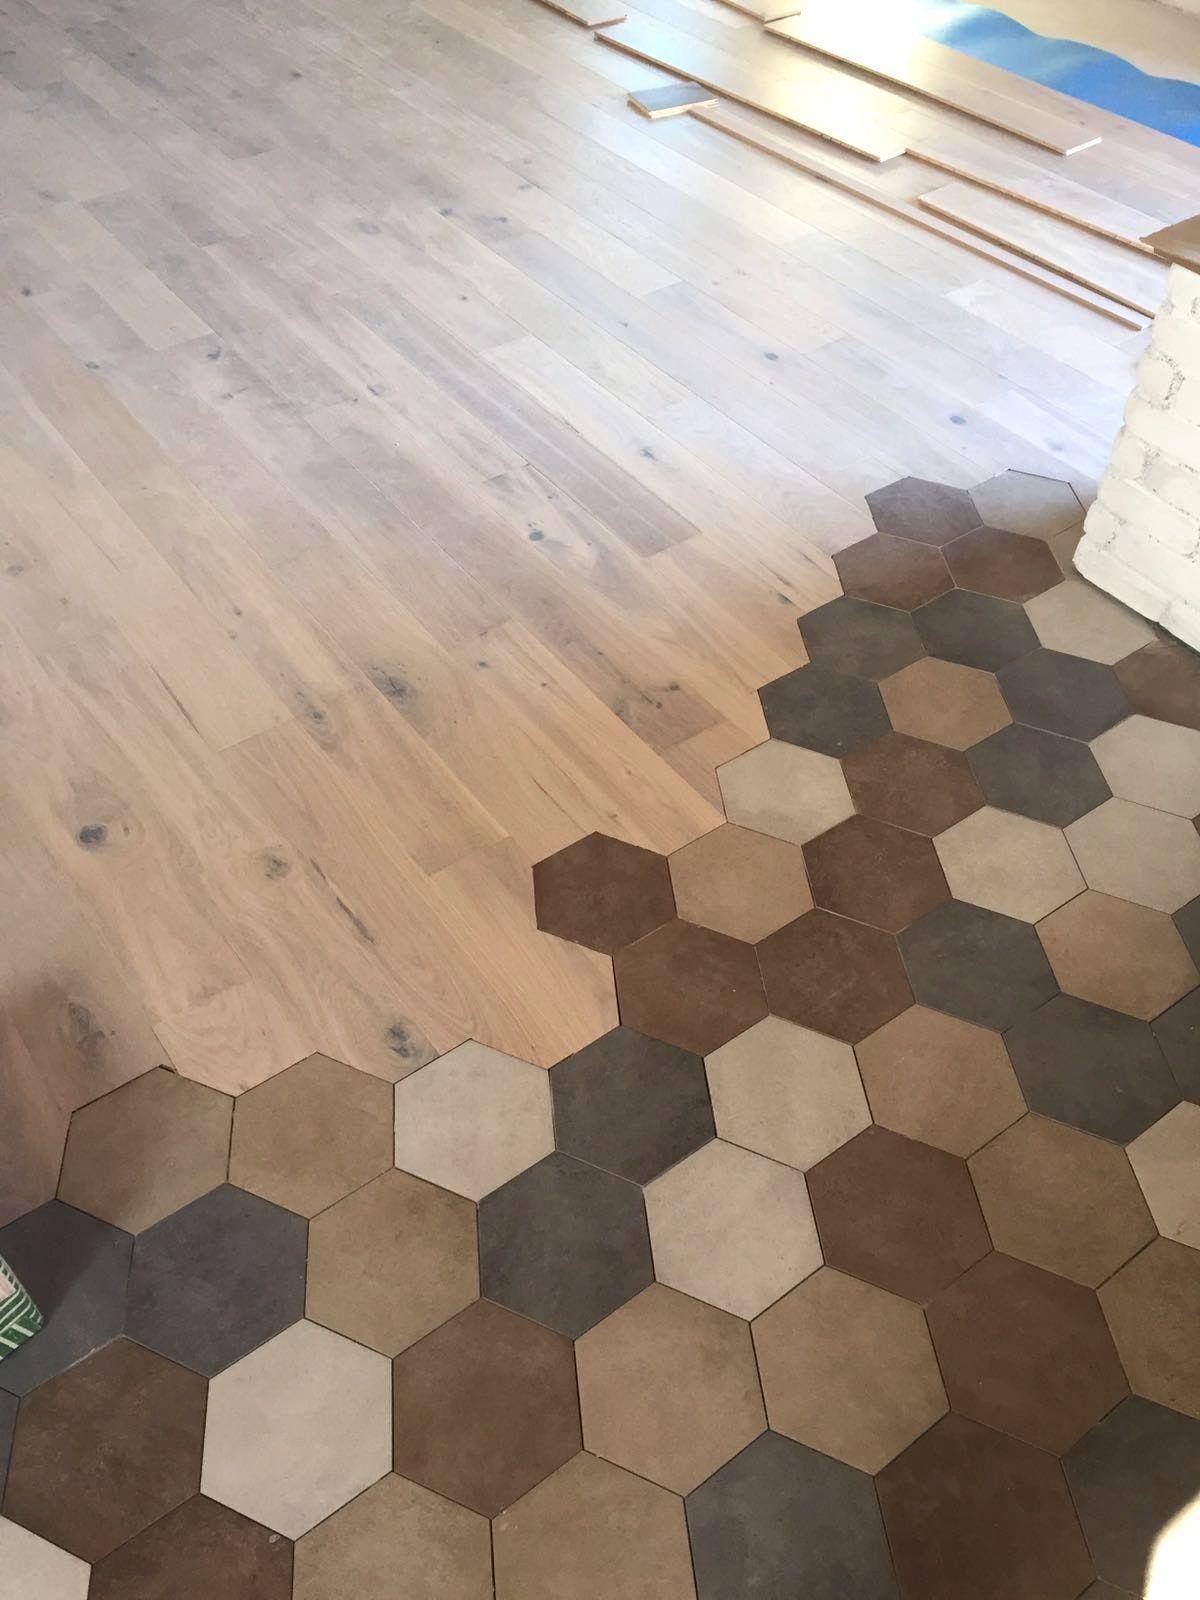 Risultati immagini per piastrelle esagonali e parquet arredamento d 39 interni dise o de suelo - Parquet e piastrelle ...